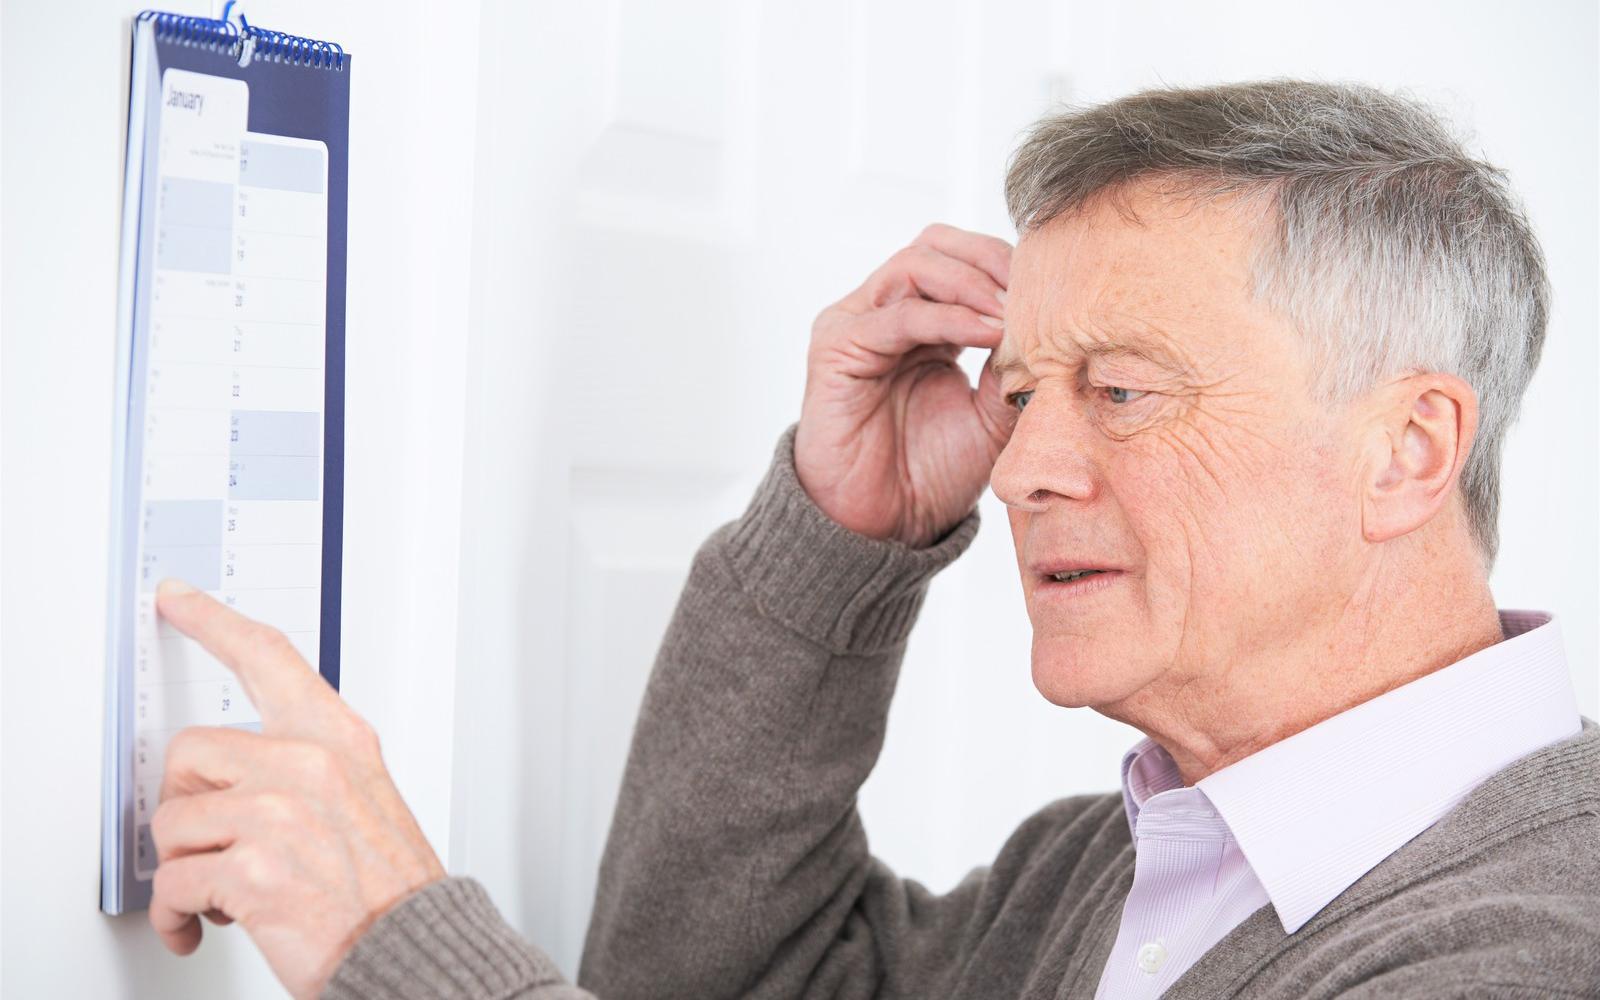 vaszkuláris és magas vérnyomás kezelés hipertónia fórum vélemények